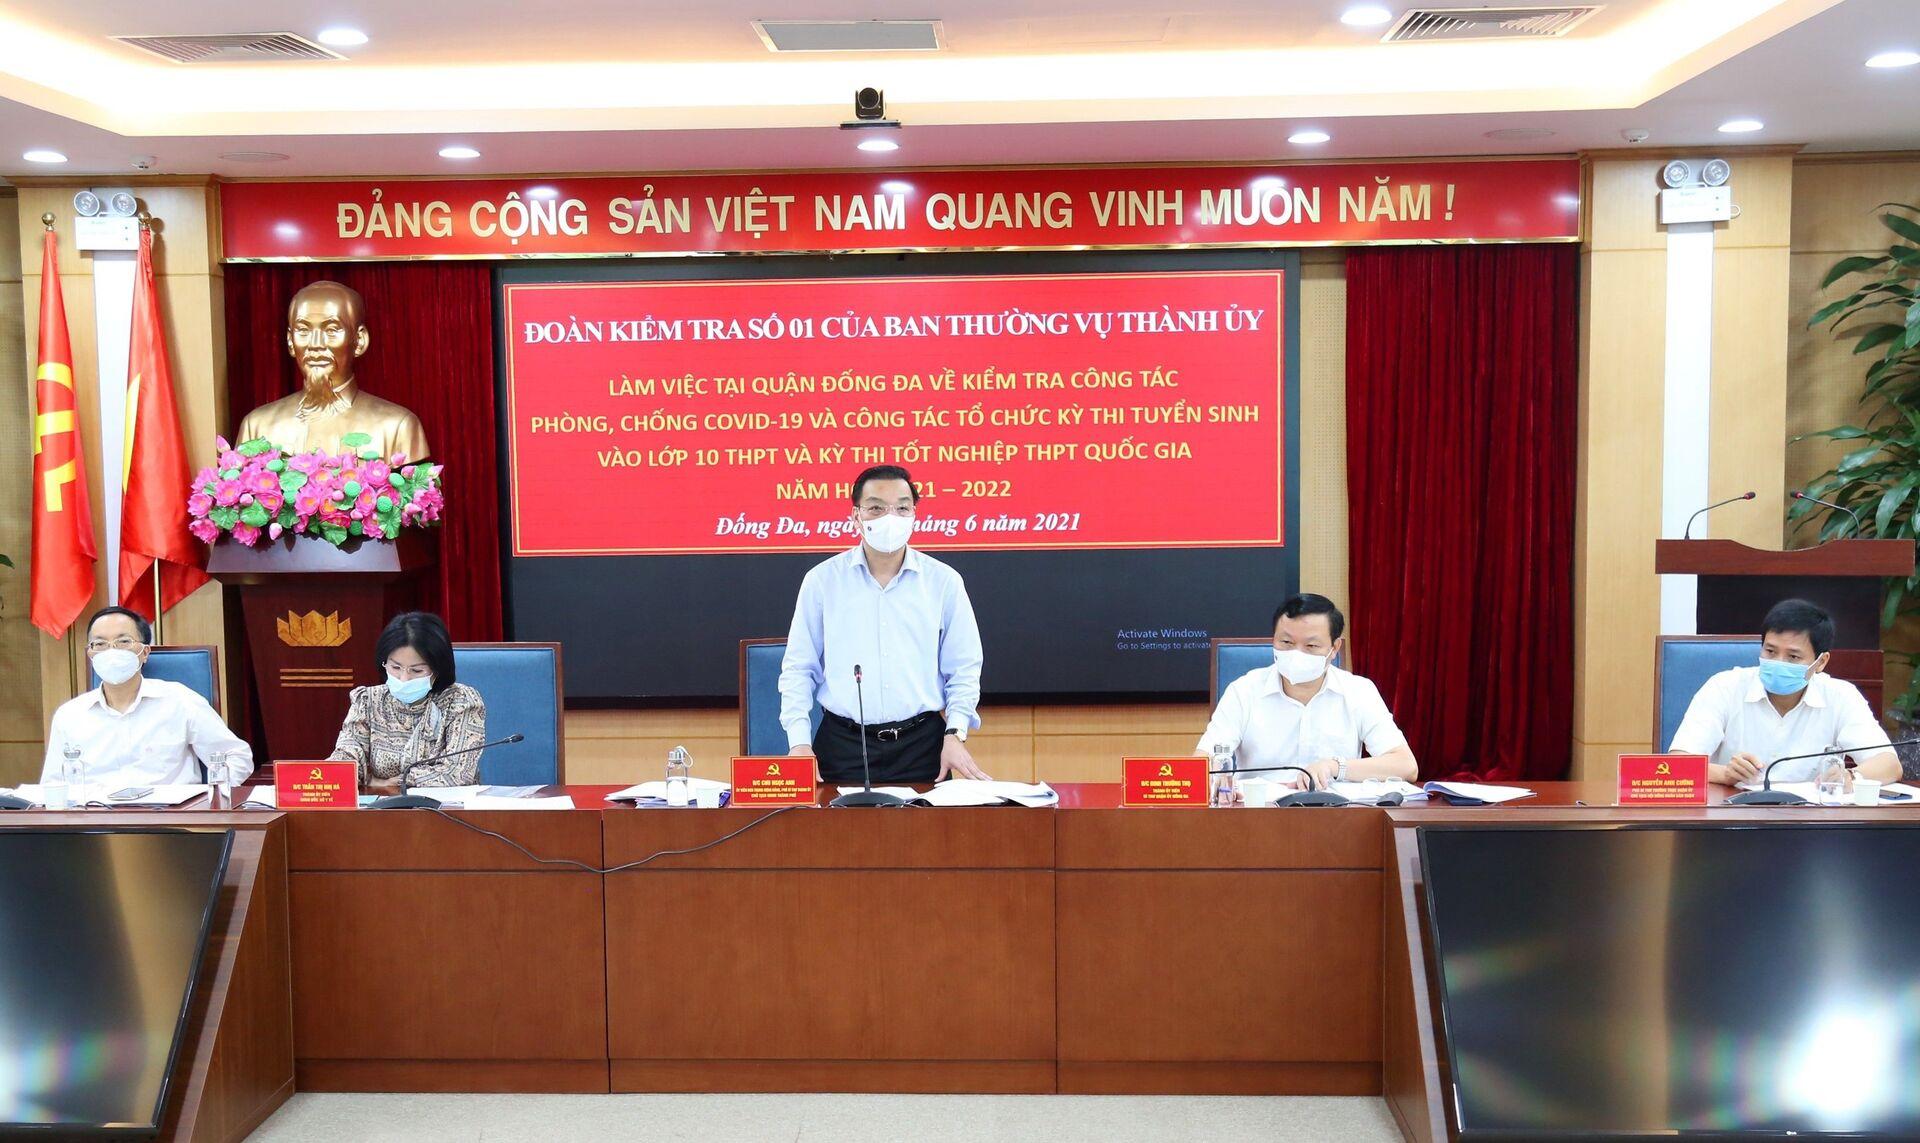 Chủ tịch TP Hà Nội vào vai thí sinh để diễn tập phòng chống Covid-19 - Sputnik Việt Nam, 1920, 07.06.2021